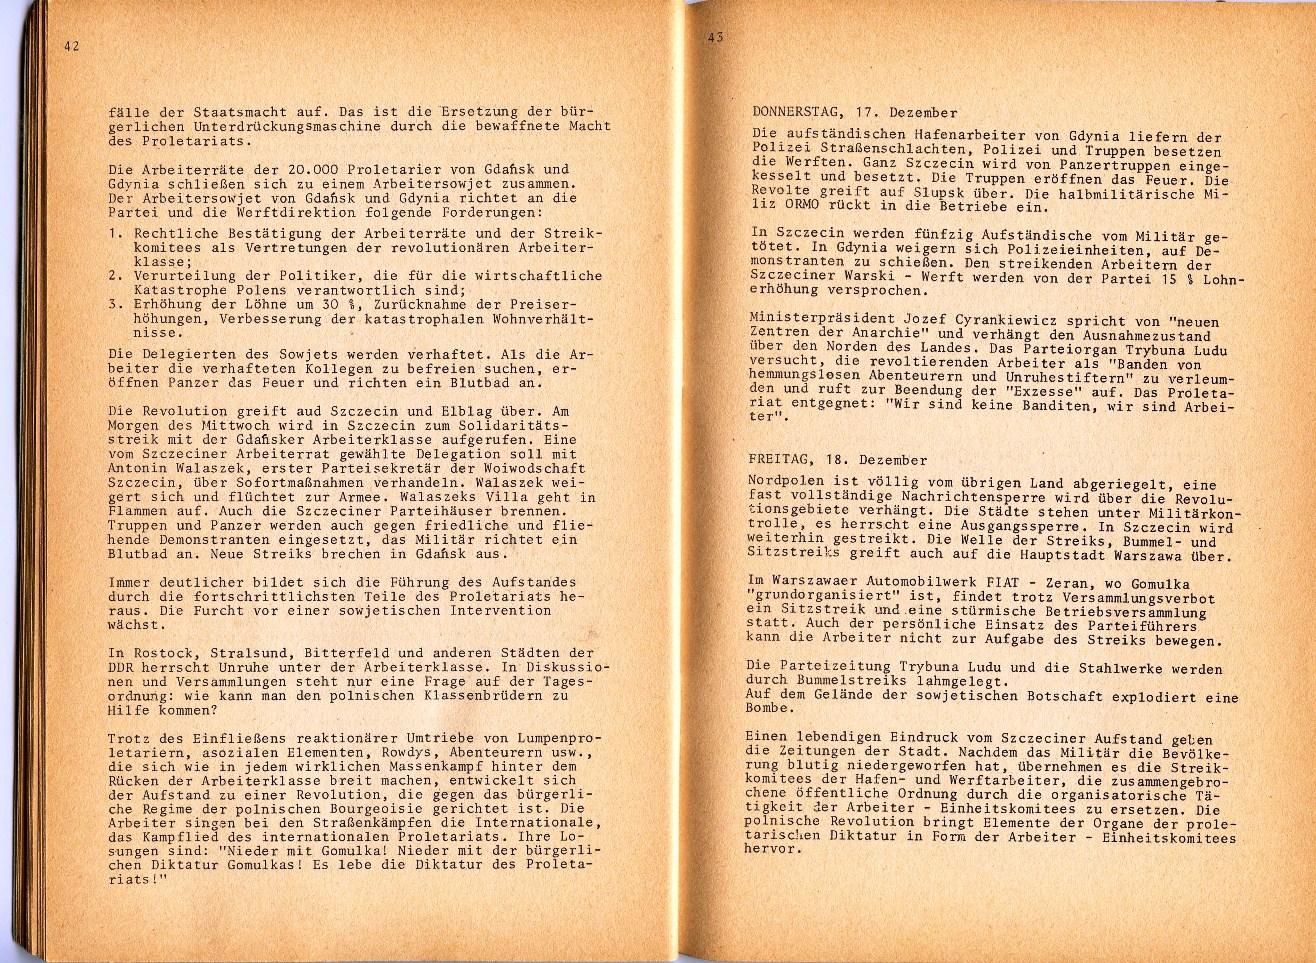 ZB_Polen_Aufstand_1971_25